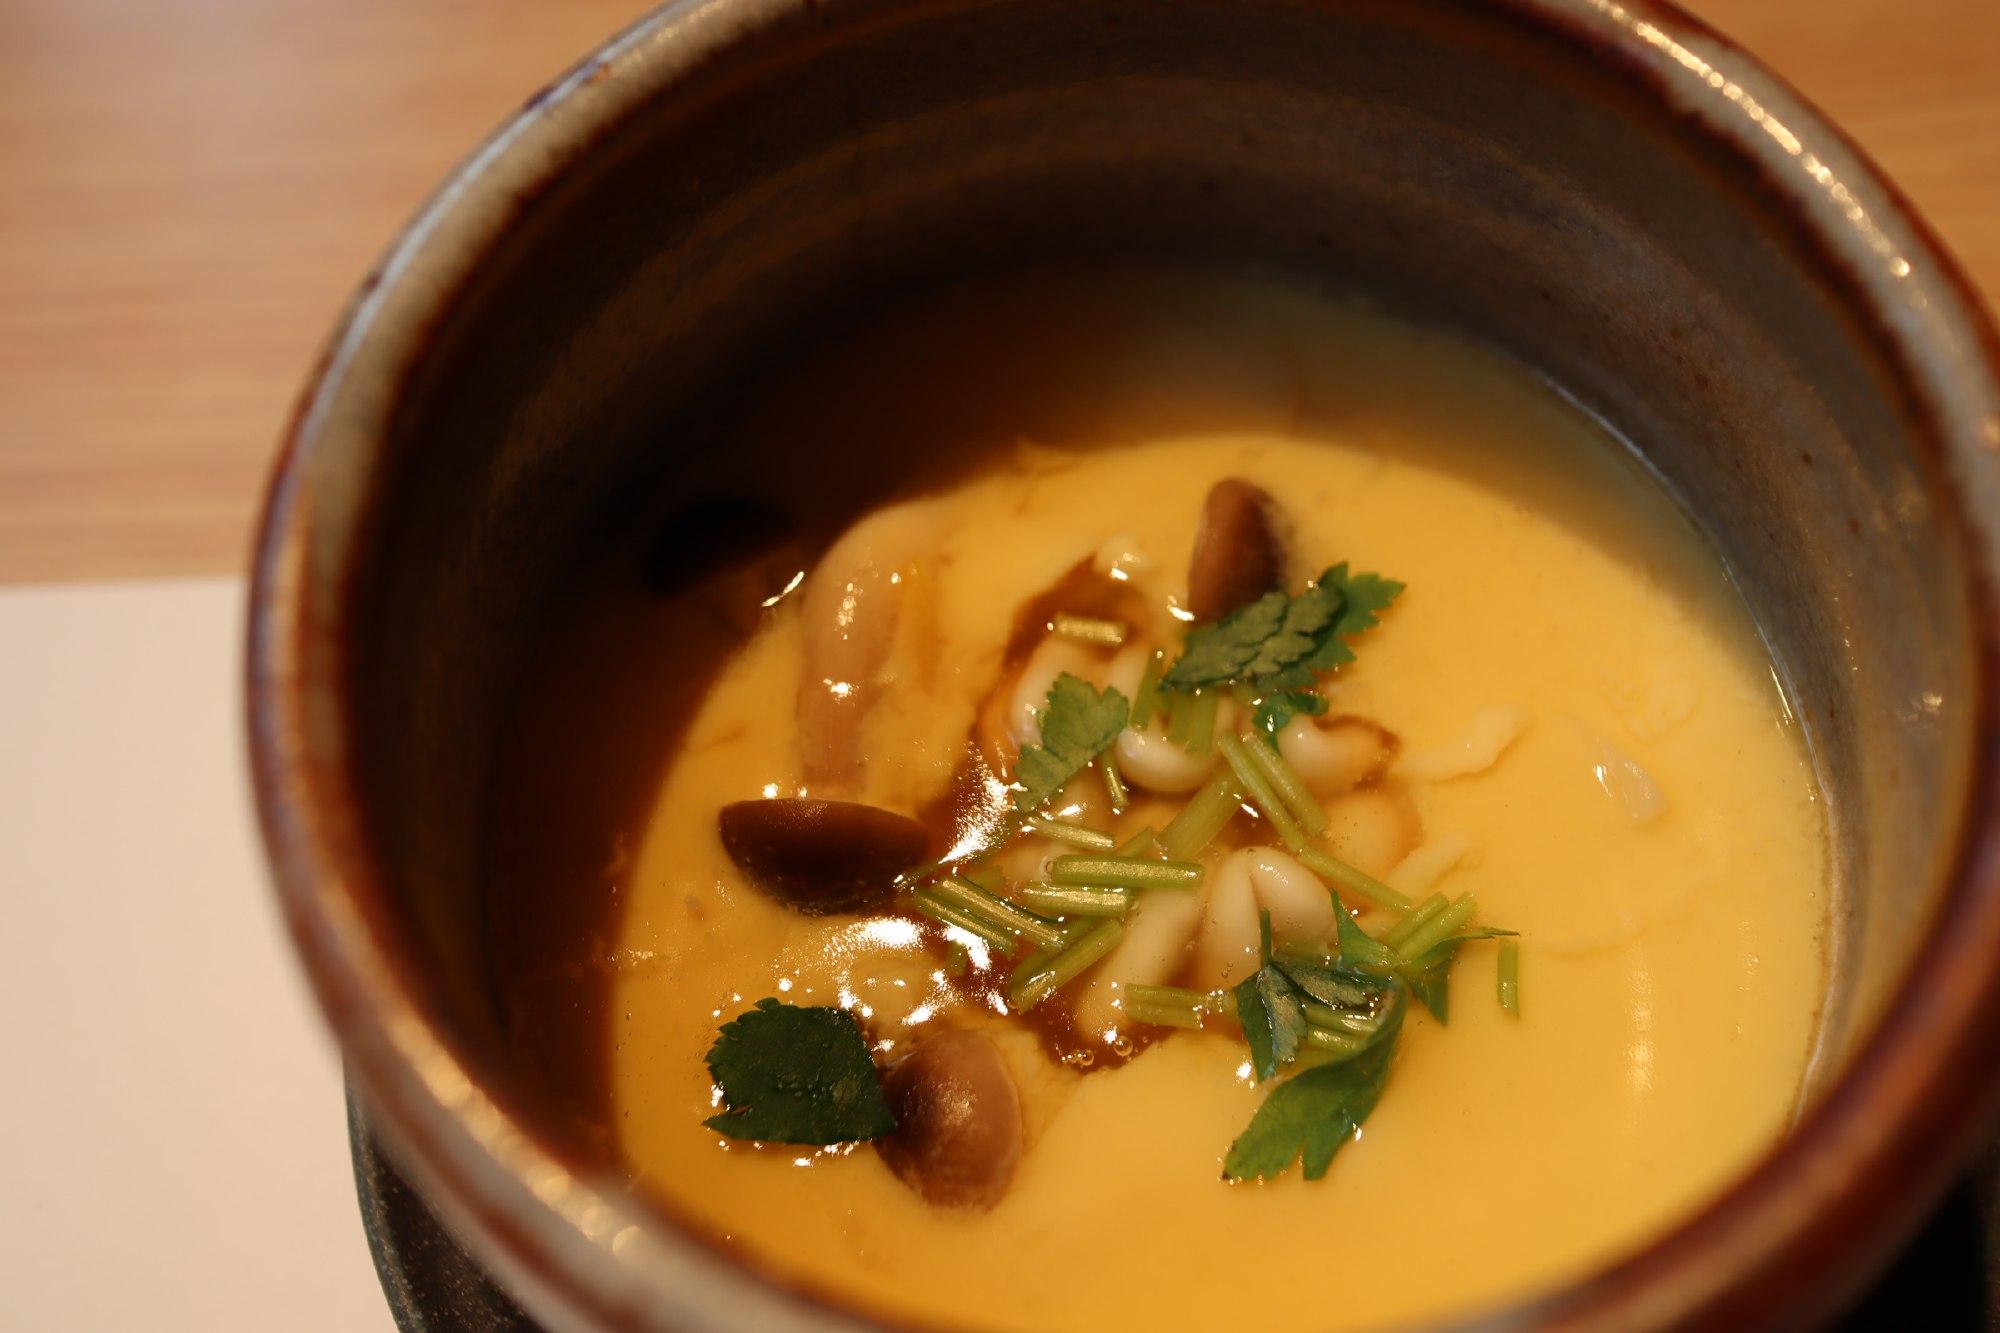 「季節ならではの会席料理を堪能できる店」和心 旬彩@大阪市北区